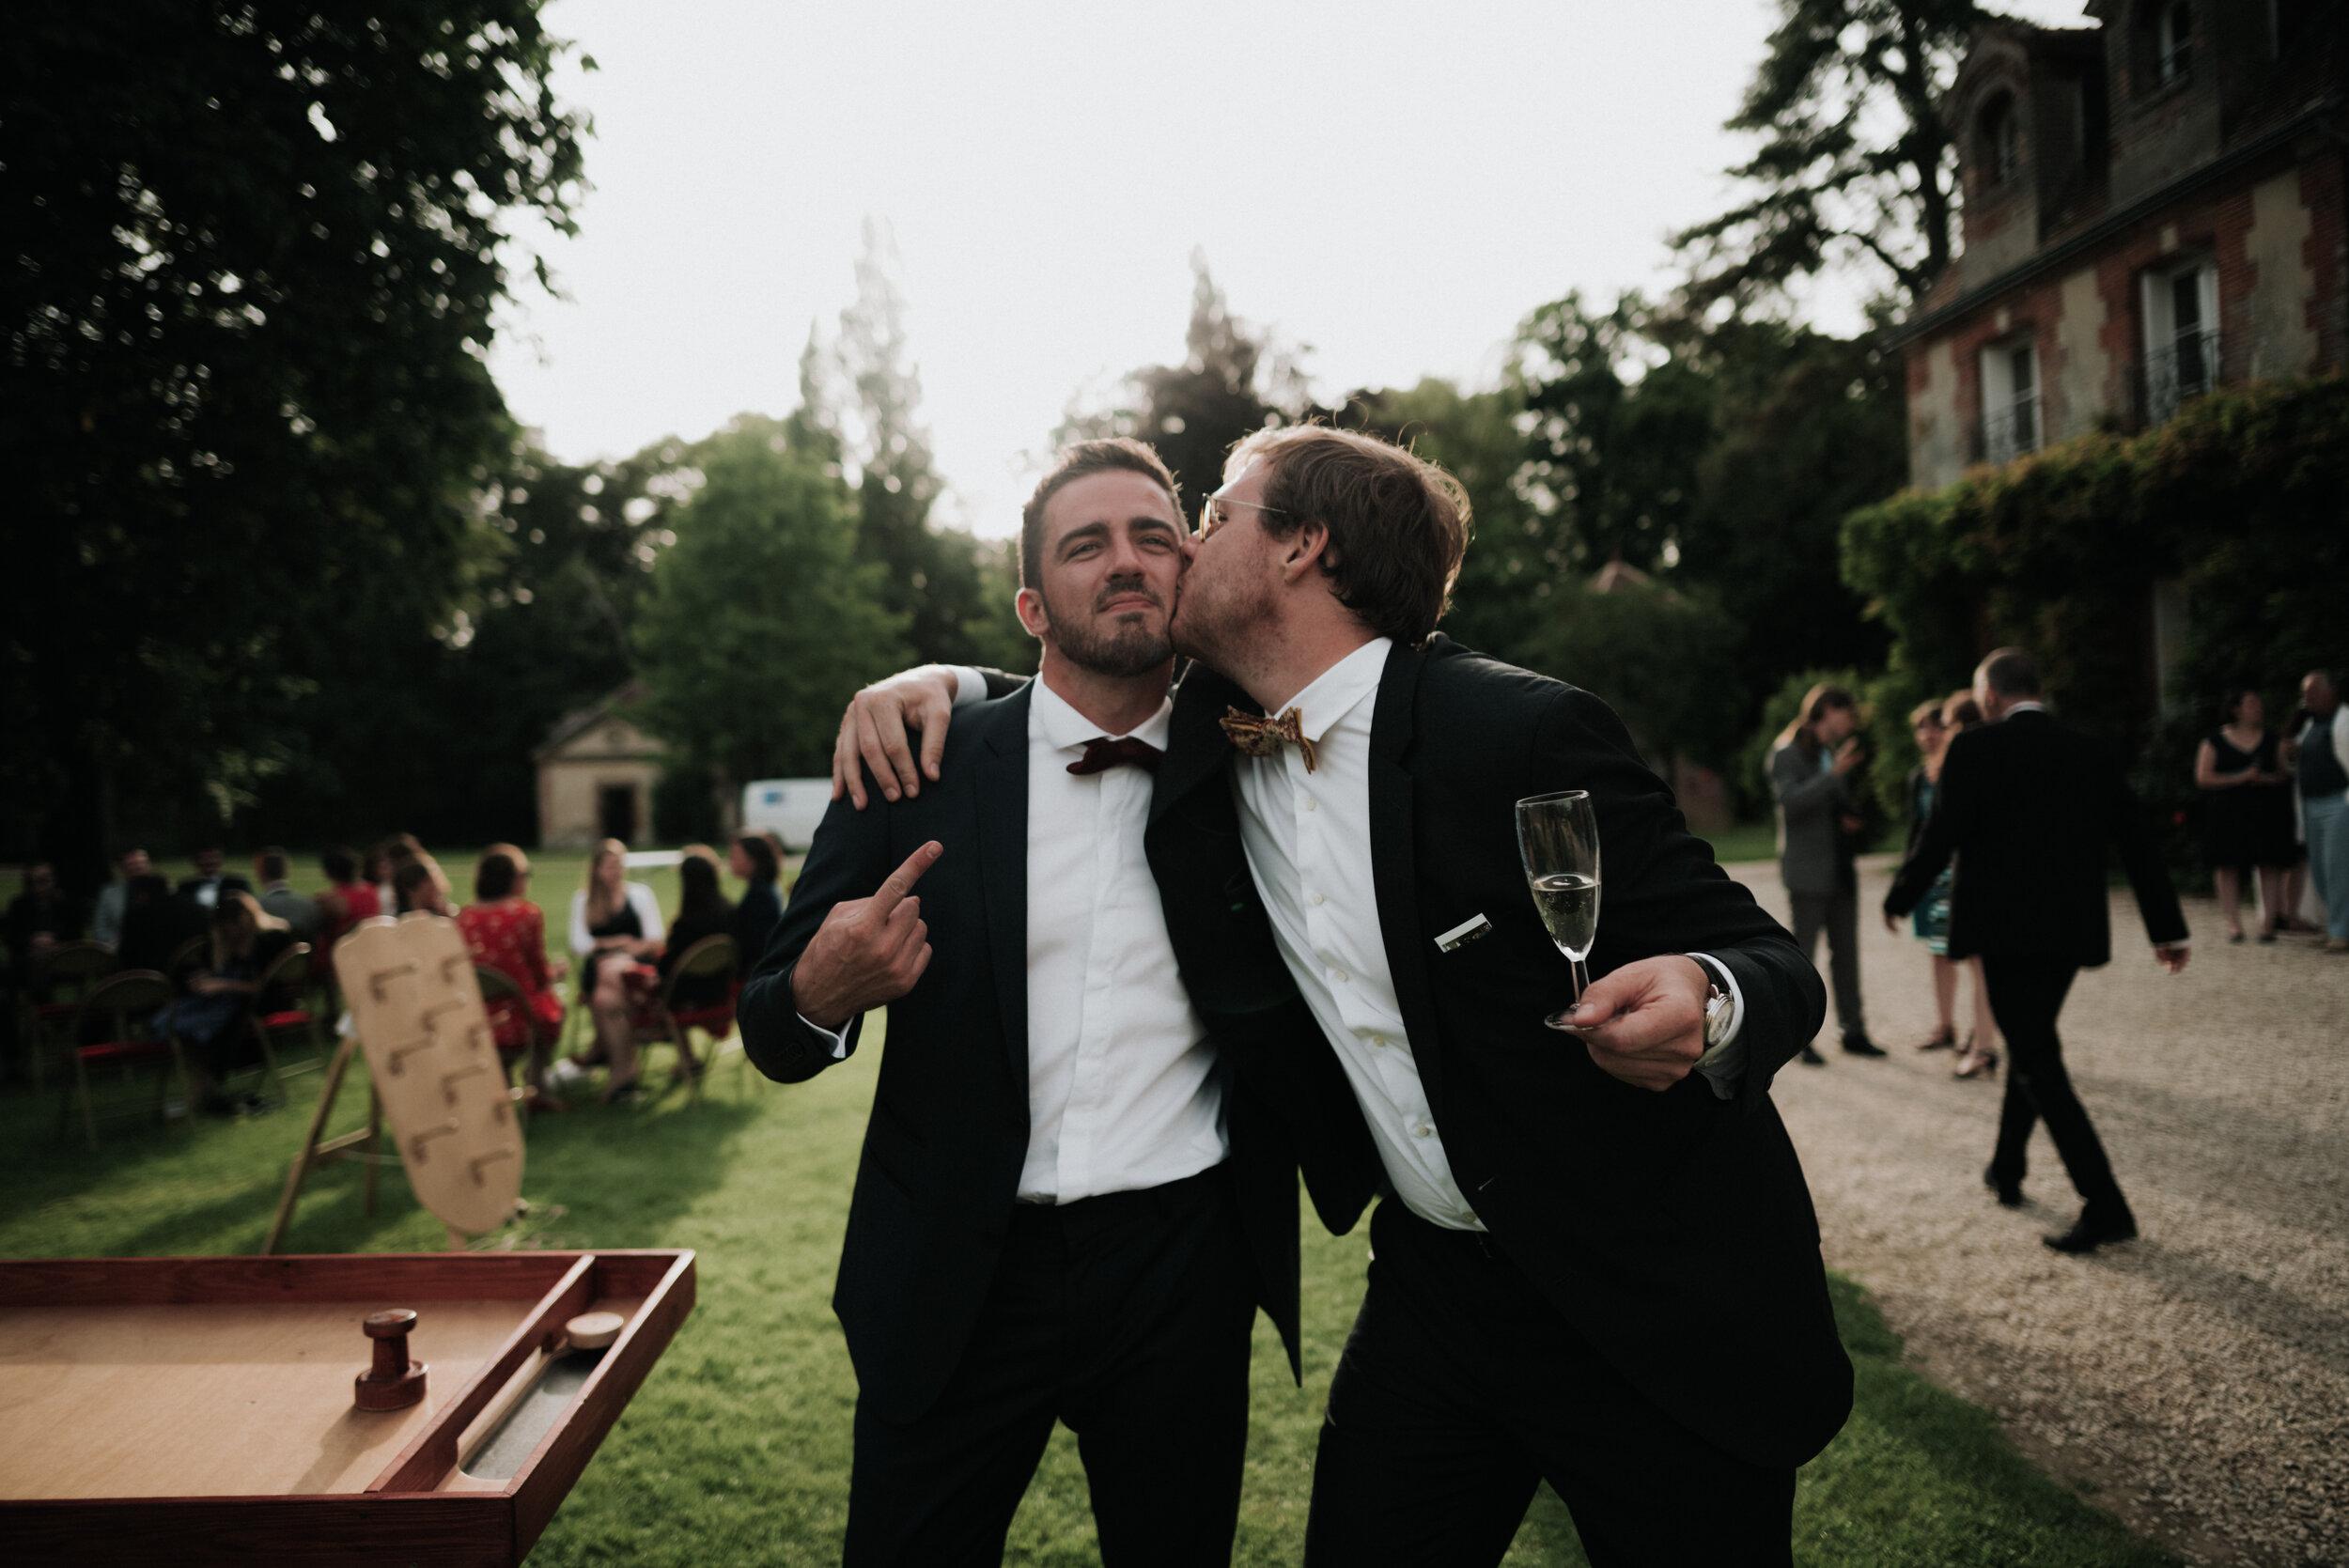 Léa-Fery-photographe-professionnel-lyon-rhone-alpes-portrait-creation-mariage-evenement-evenementiel-famille-2-250.jpg